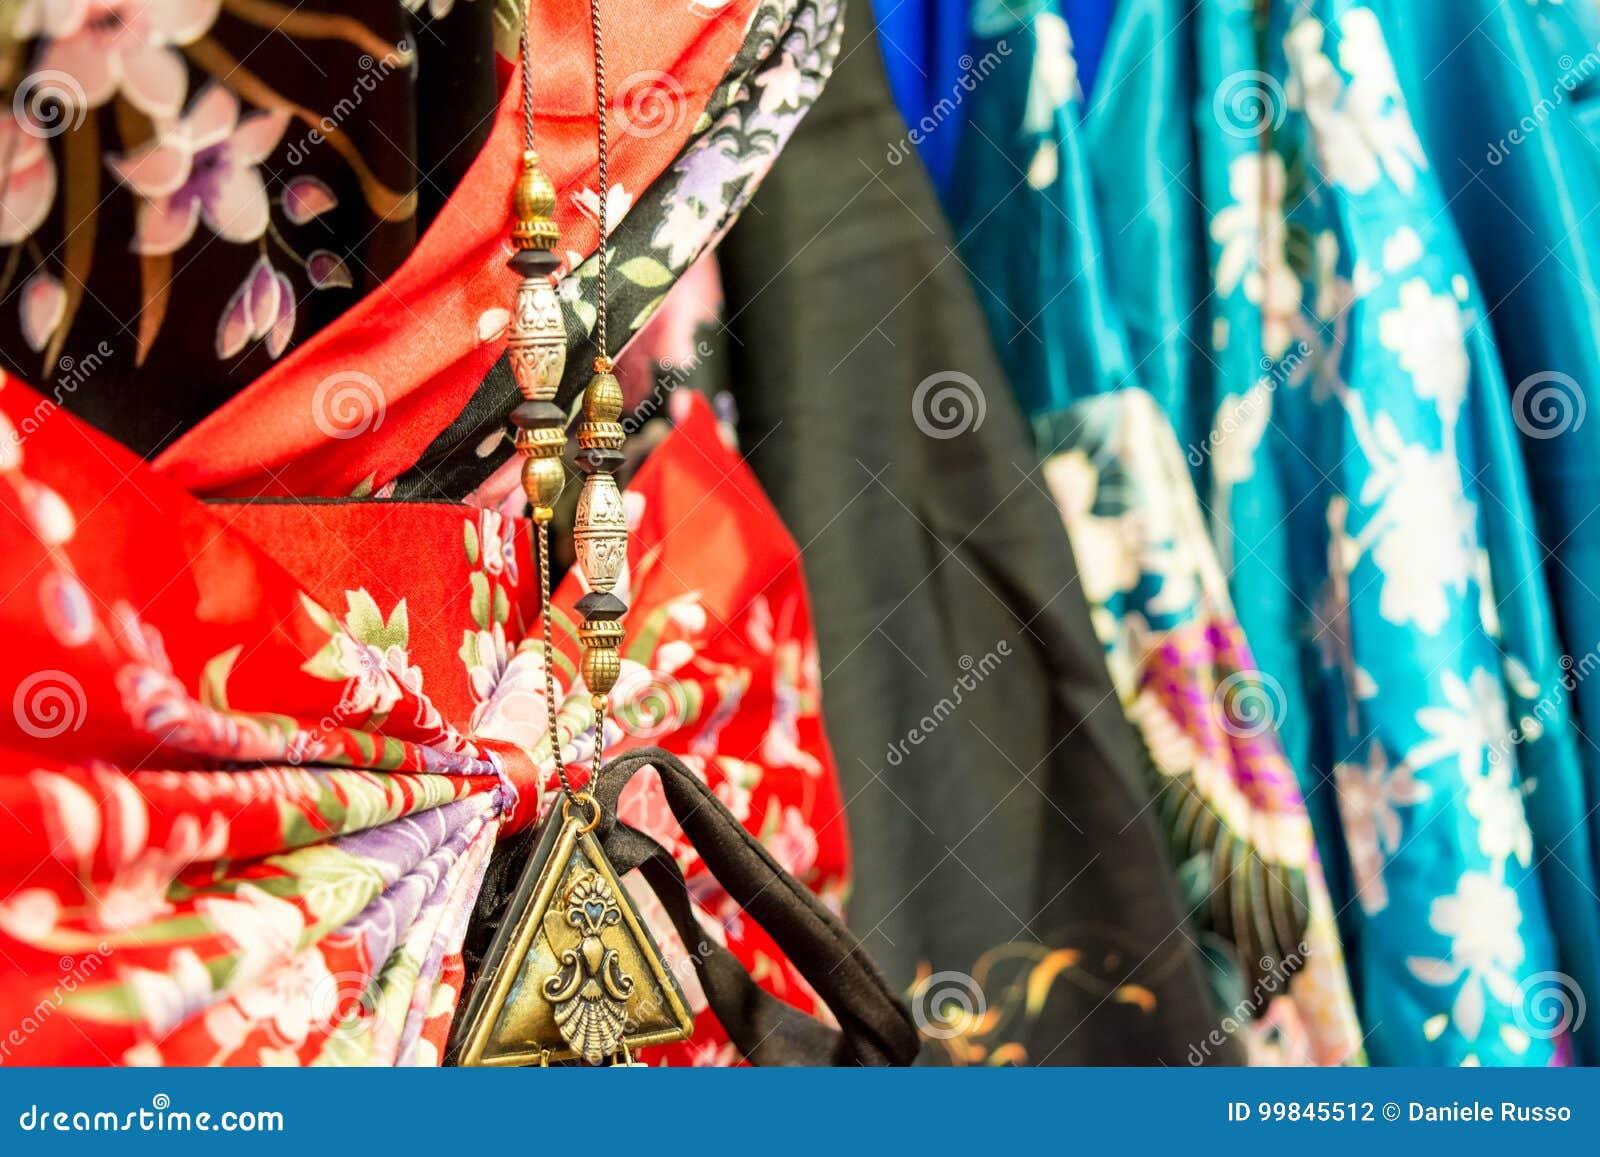 6c9ceabec1c λεπτομέρεια ενός κινεζικού περιδεραίου στα κινεζικά φορέματα στην αγορά